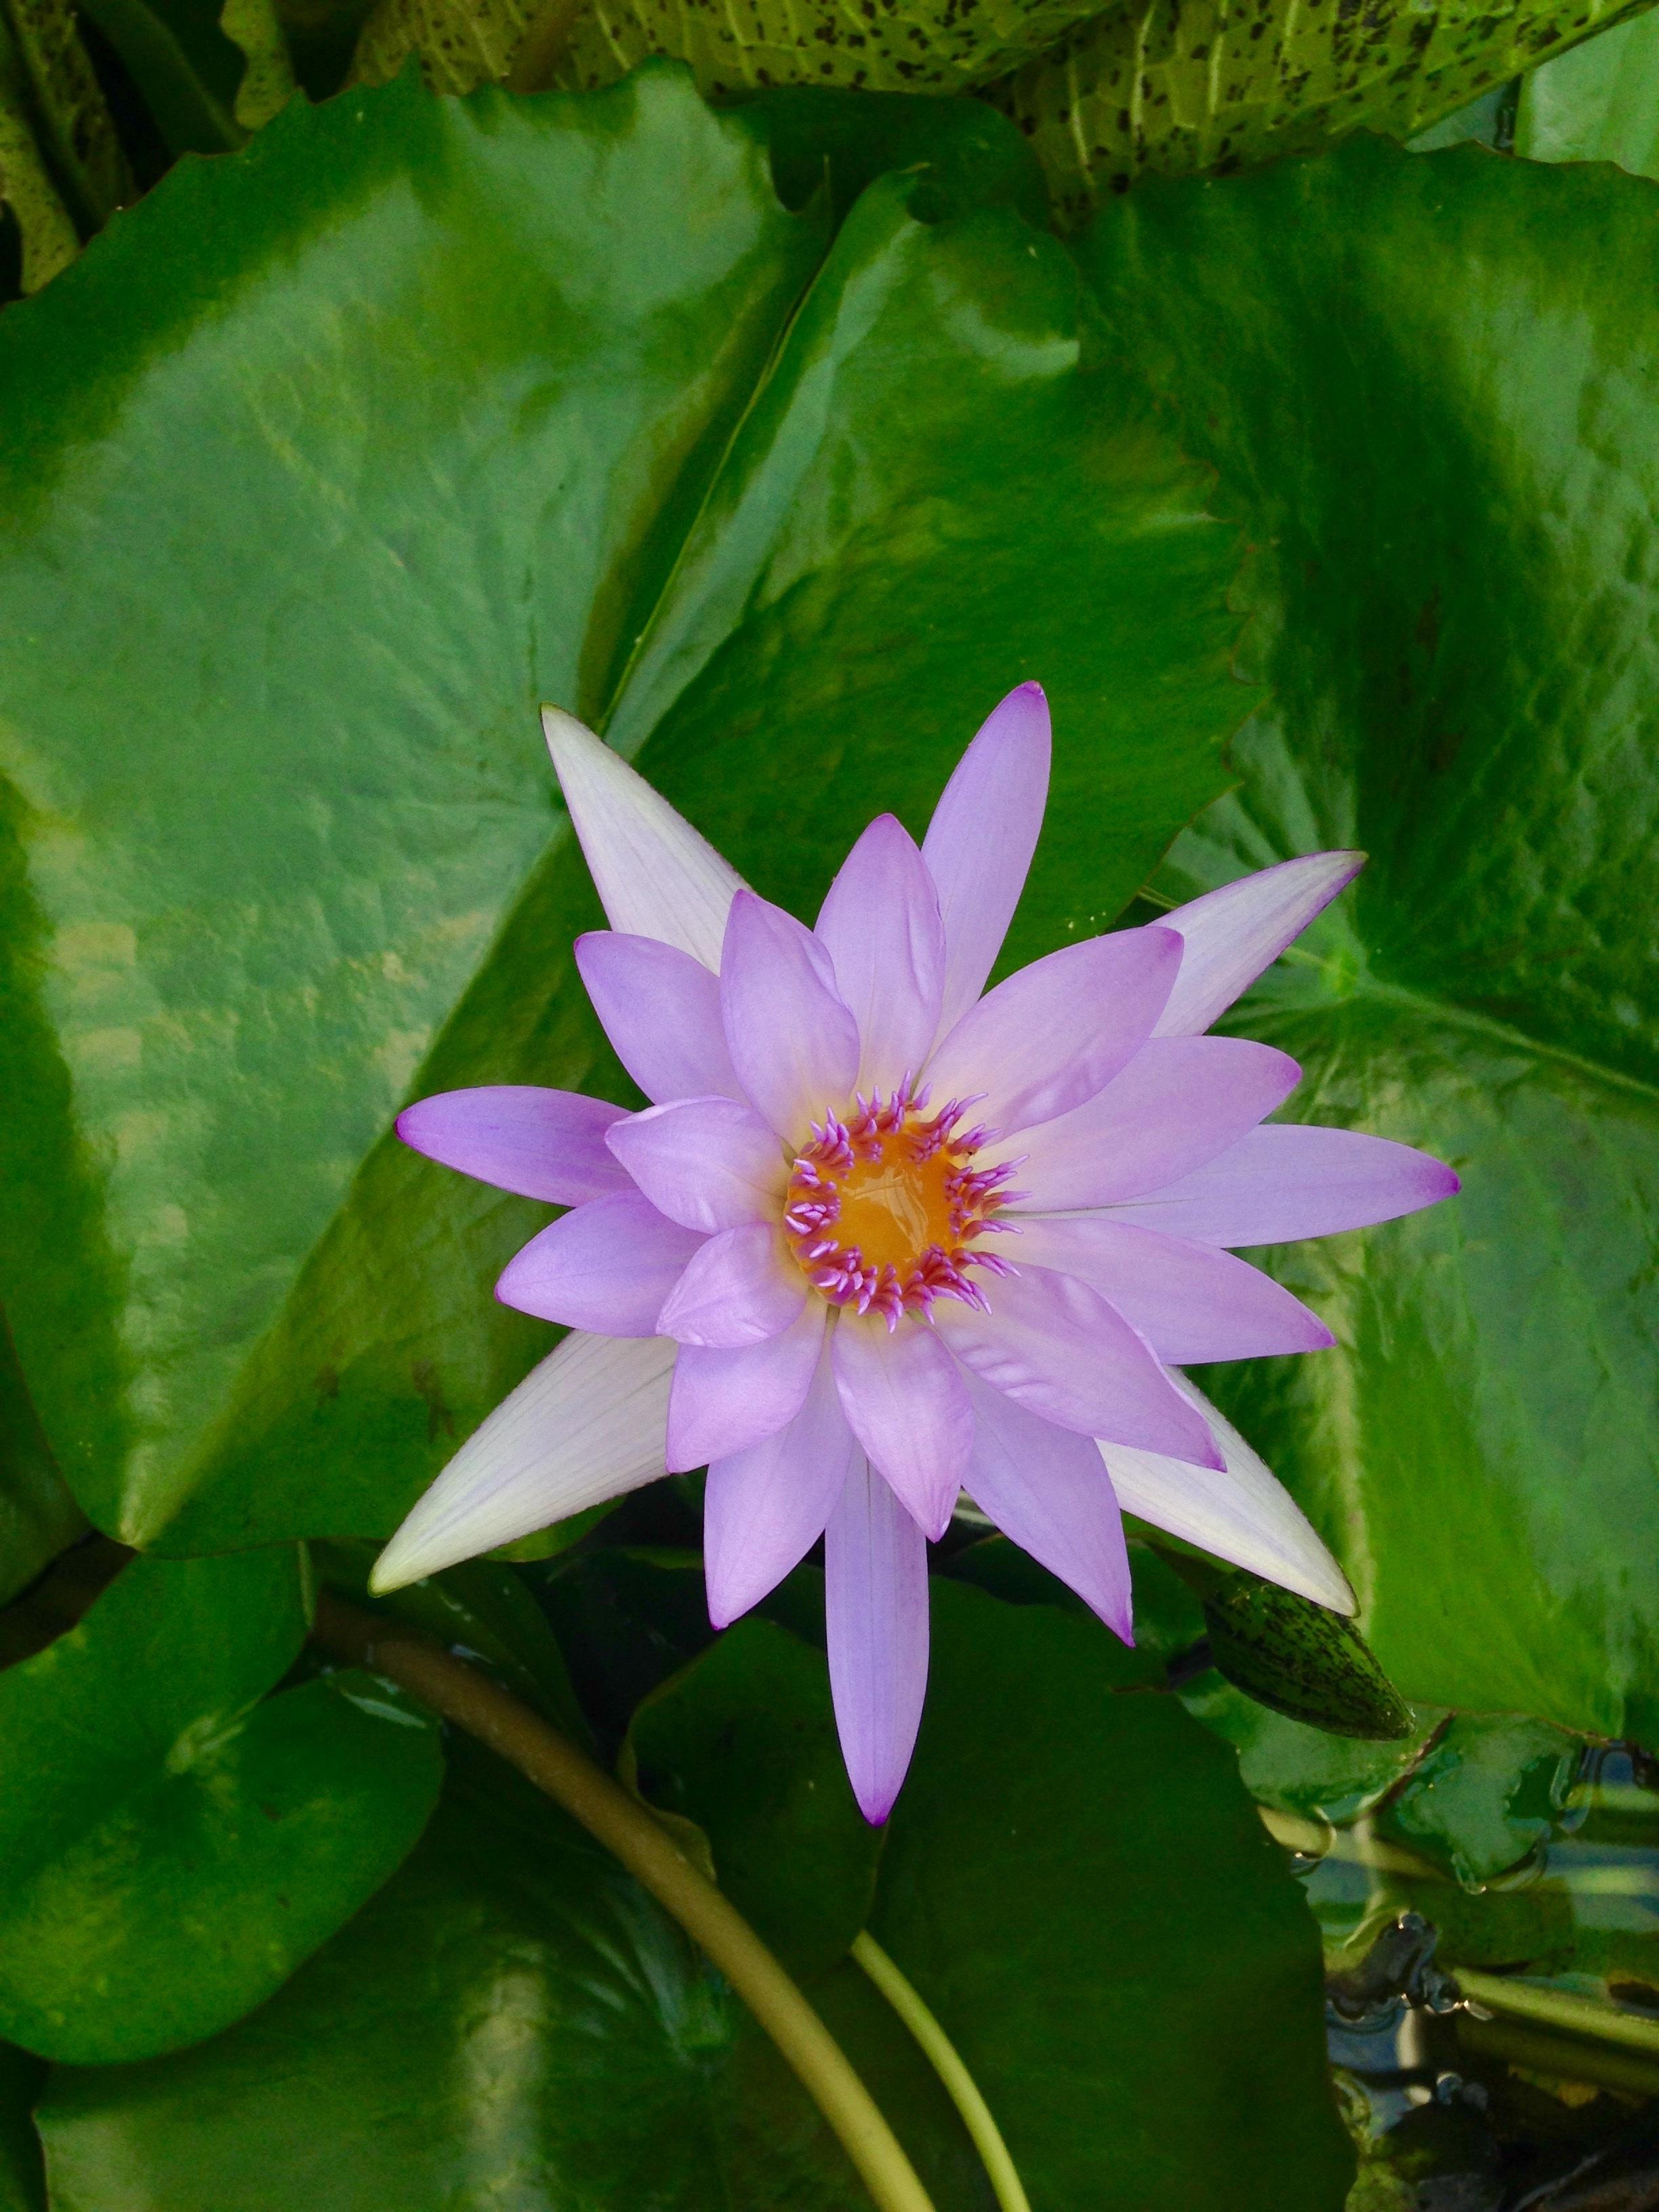 Kostenlose foto : Natur, Blume, Blütenblatt, blühen, Sommer-, Grün ...